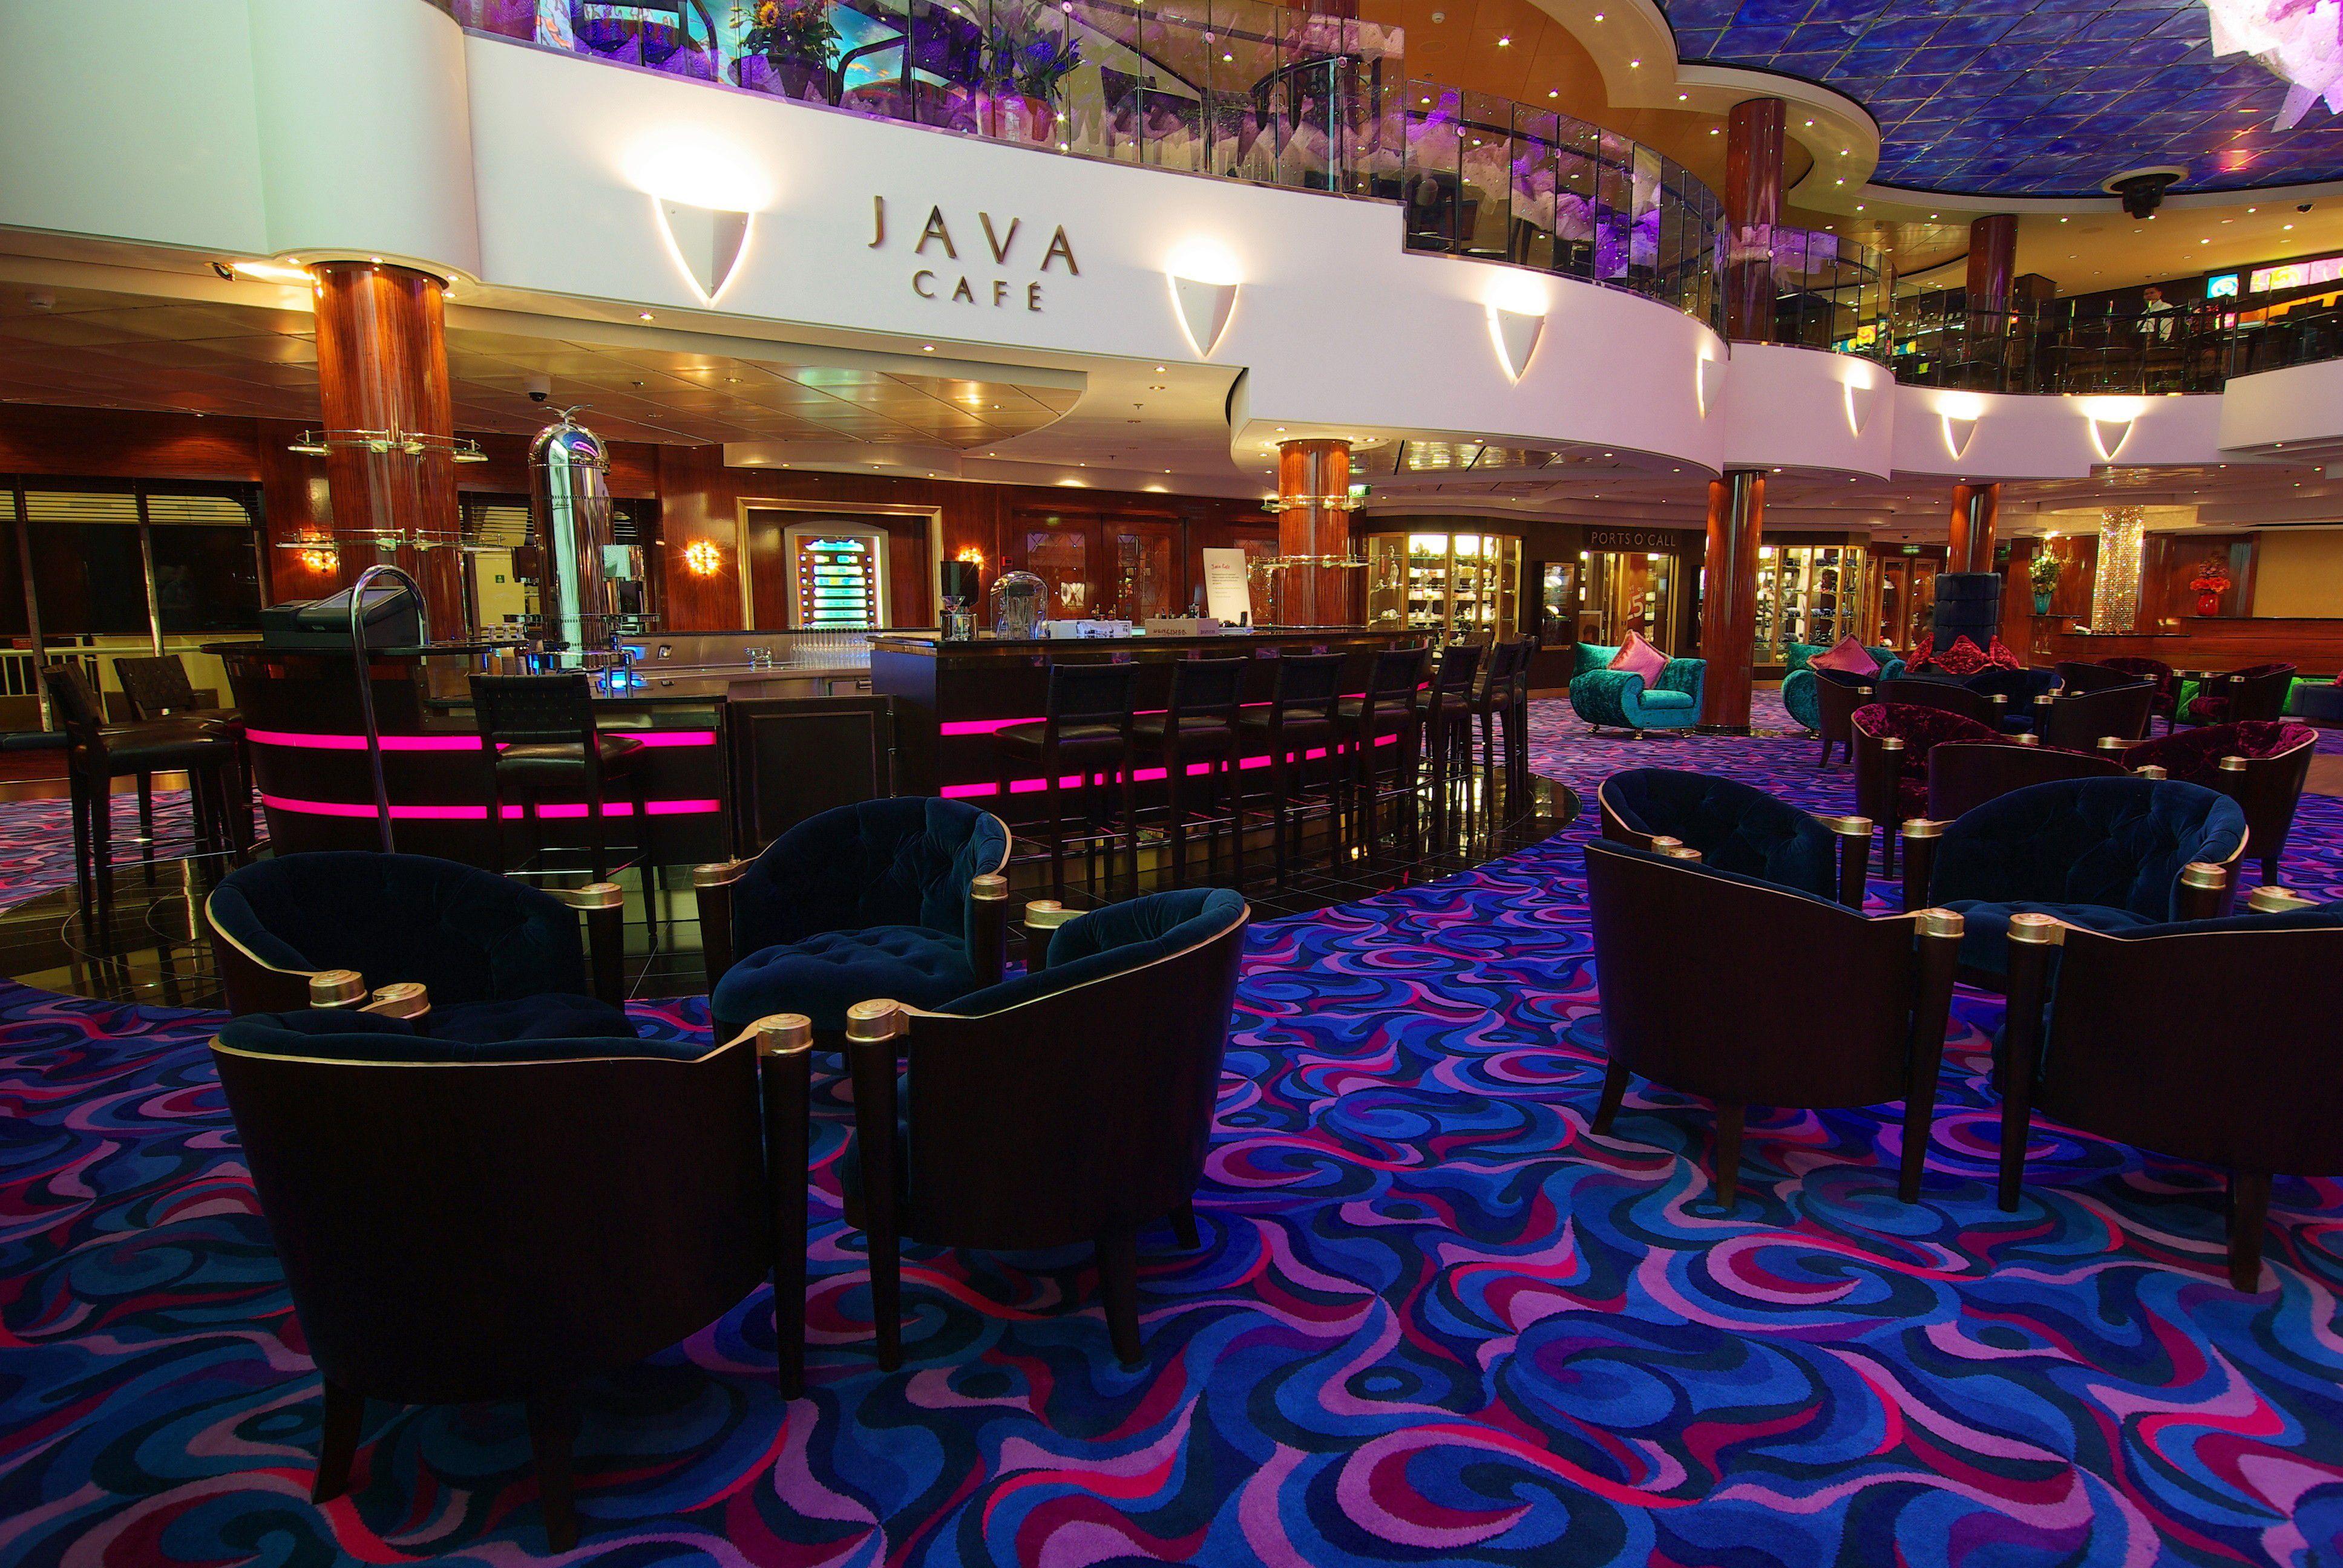 Norwegian Gem Java Cafe I Love To Cruise Like A Norwegian With Images Cruise Ships Norwegian Cruise Ship Cruise